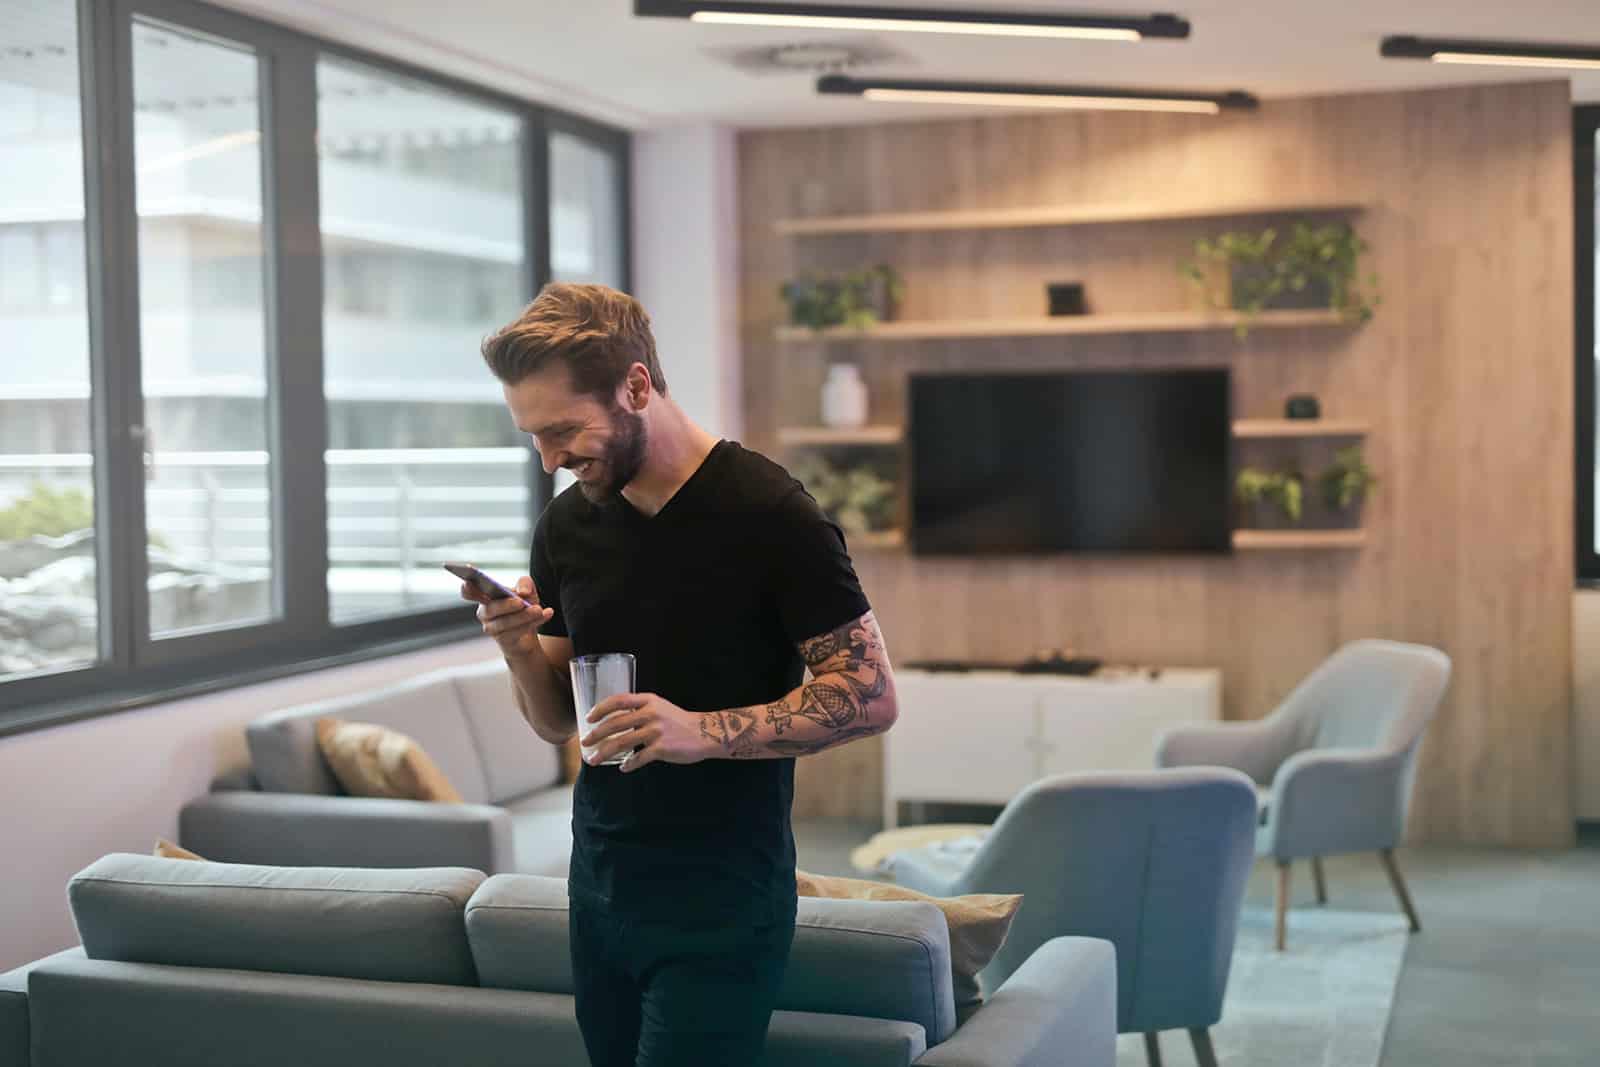 lächelnder Mann, der sein Smartphone benutzt, während er im Wohnzimmer steht